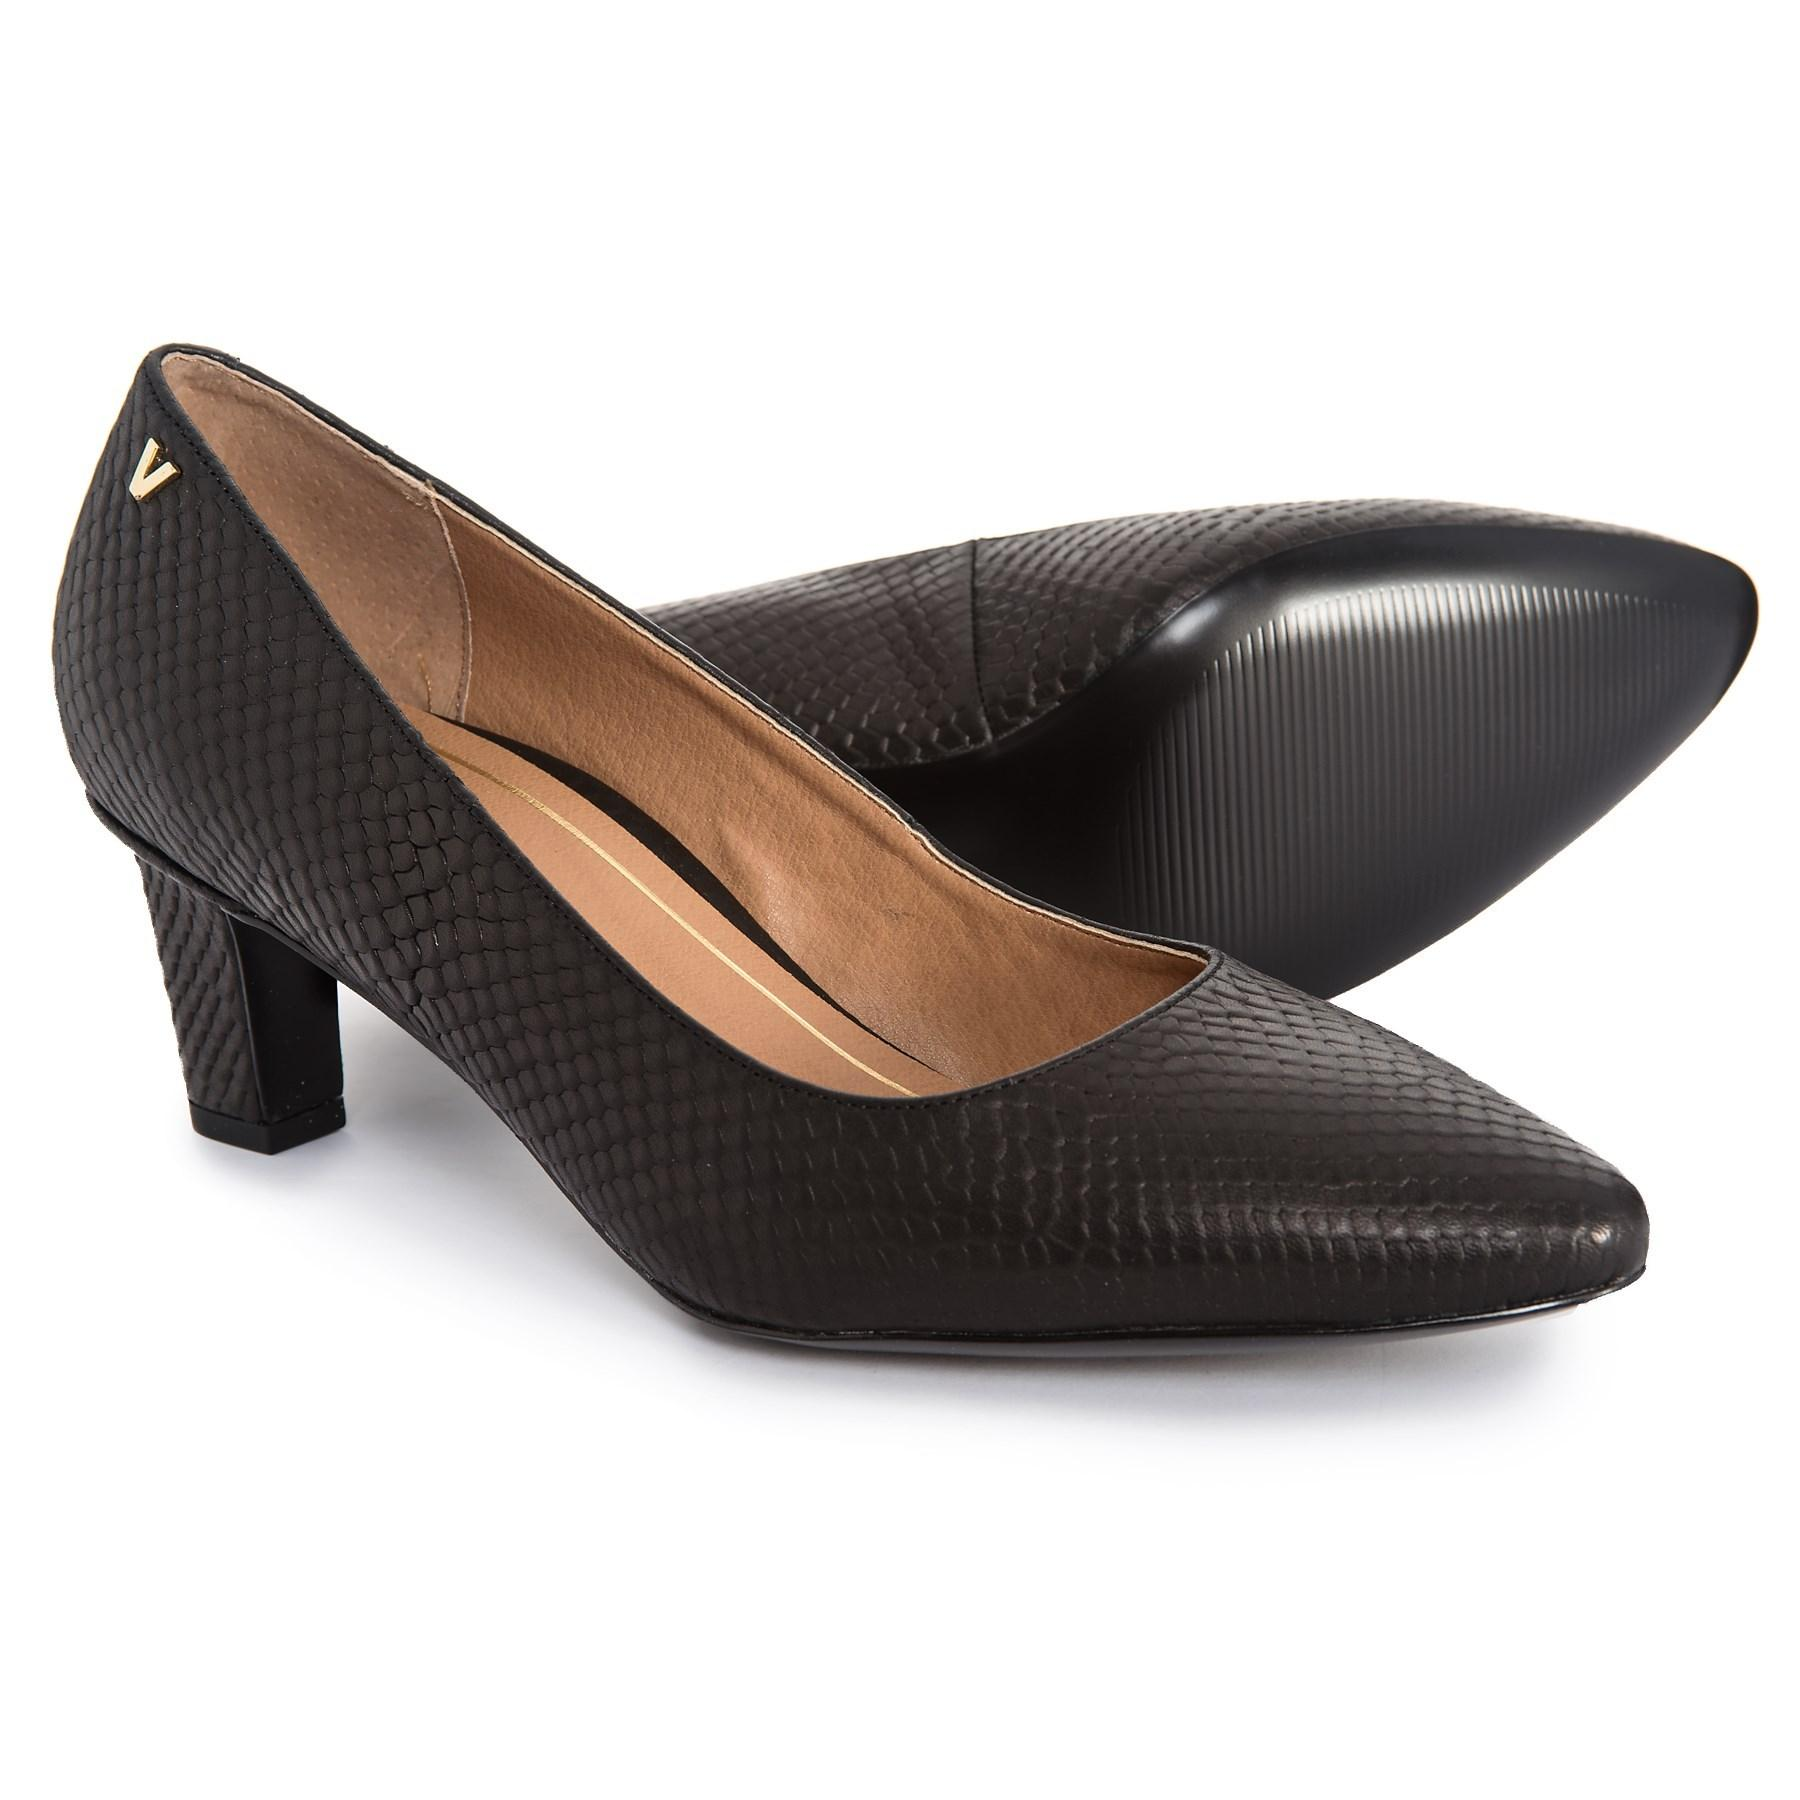 f19717f0ad1 Lyst - Vionic Mia Block Heel Shoes in Black